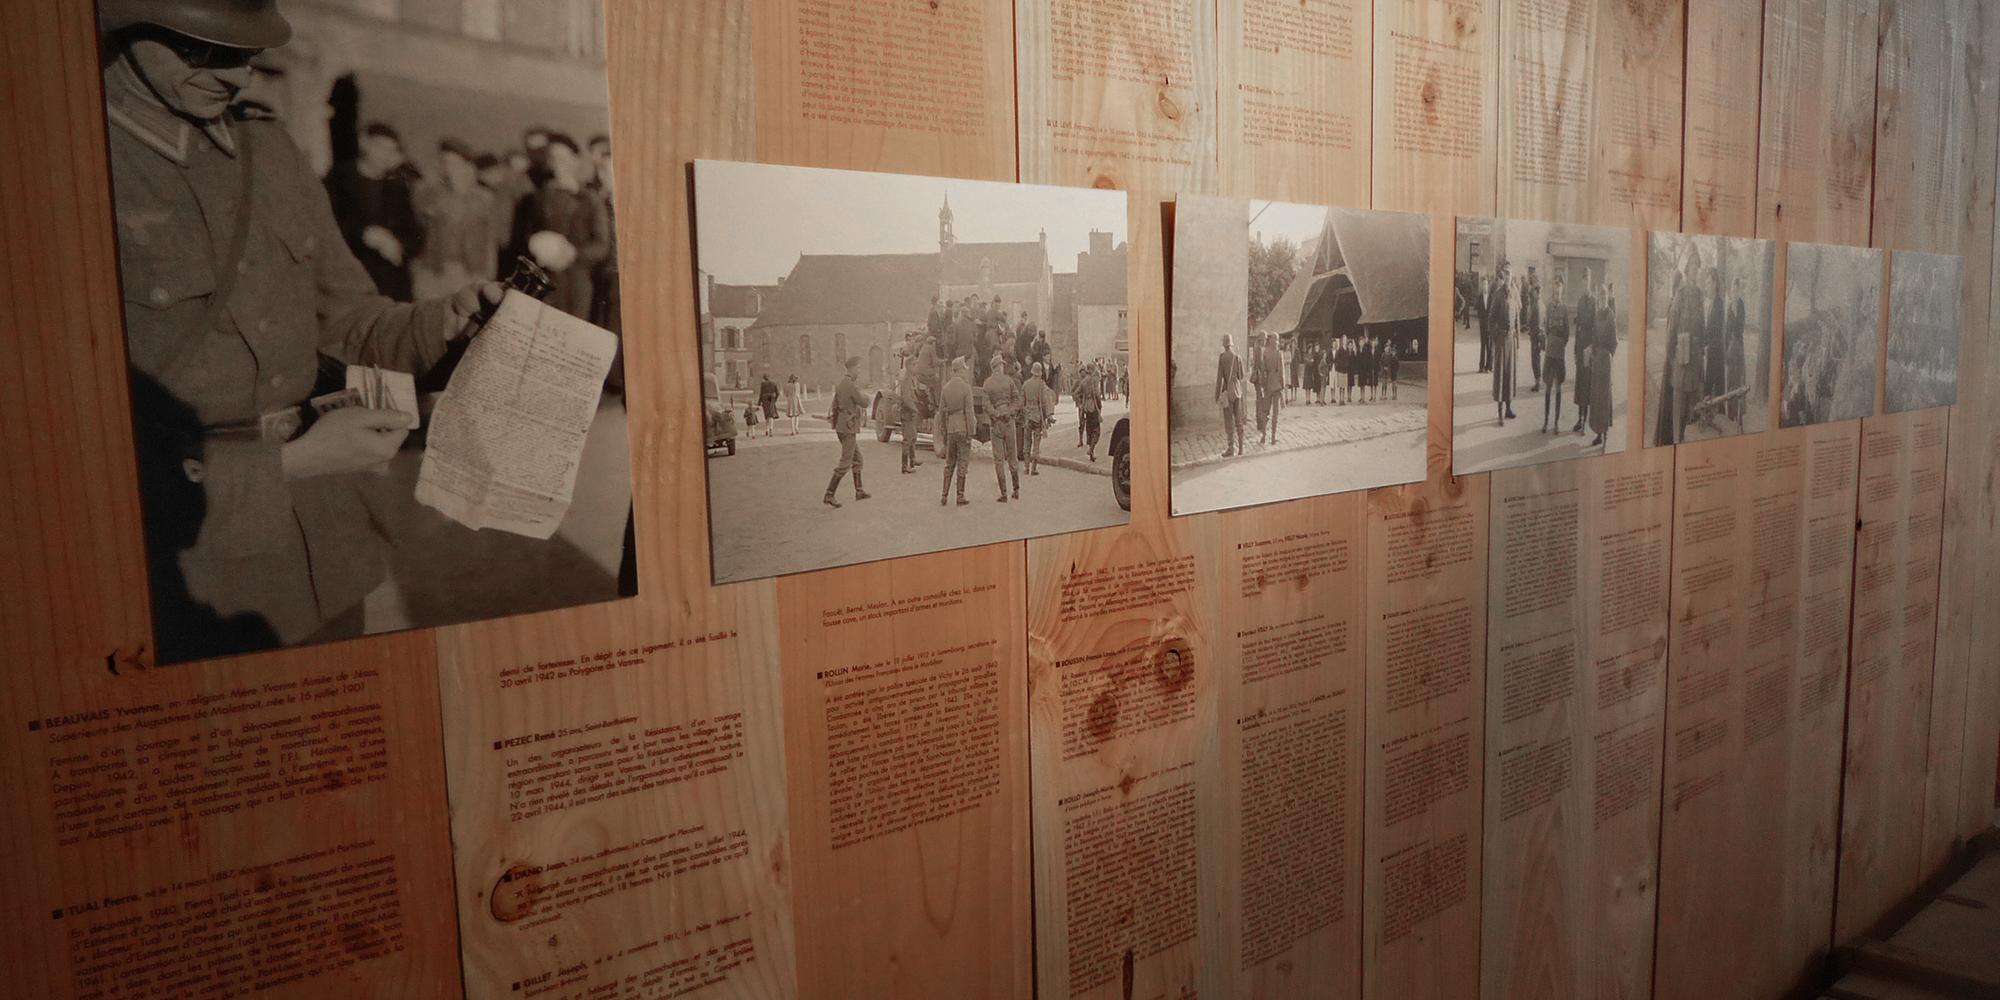 décor de l'exposition Archives du Morbihan par l'Atelier Cobalt Fx